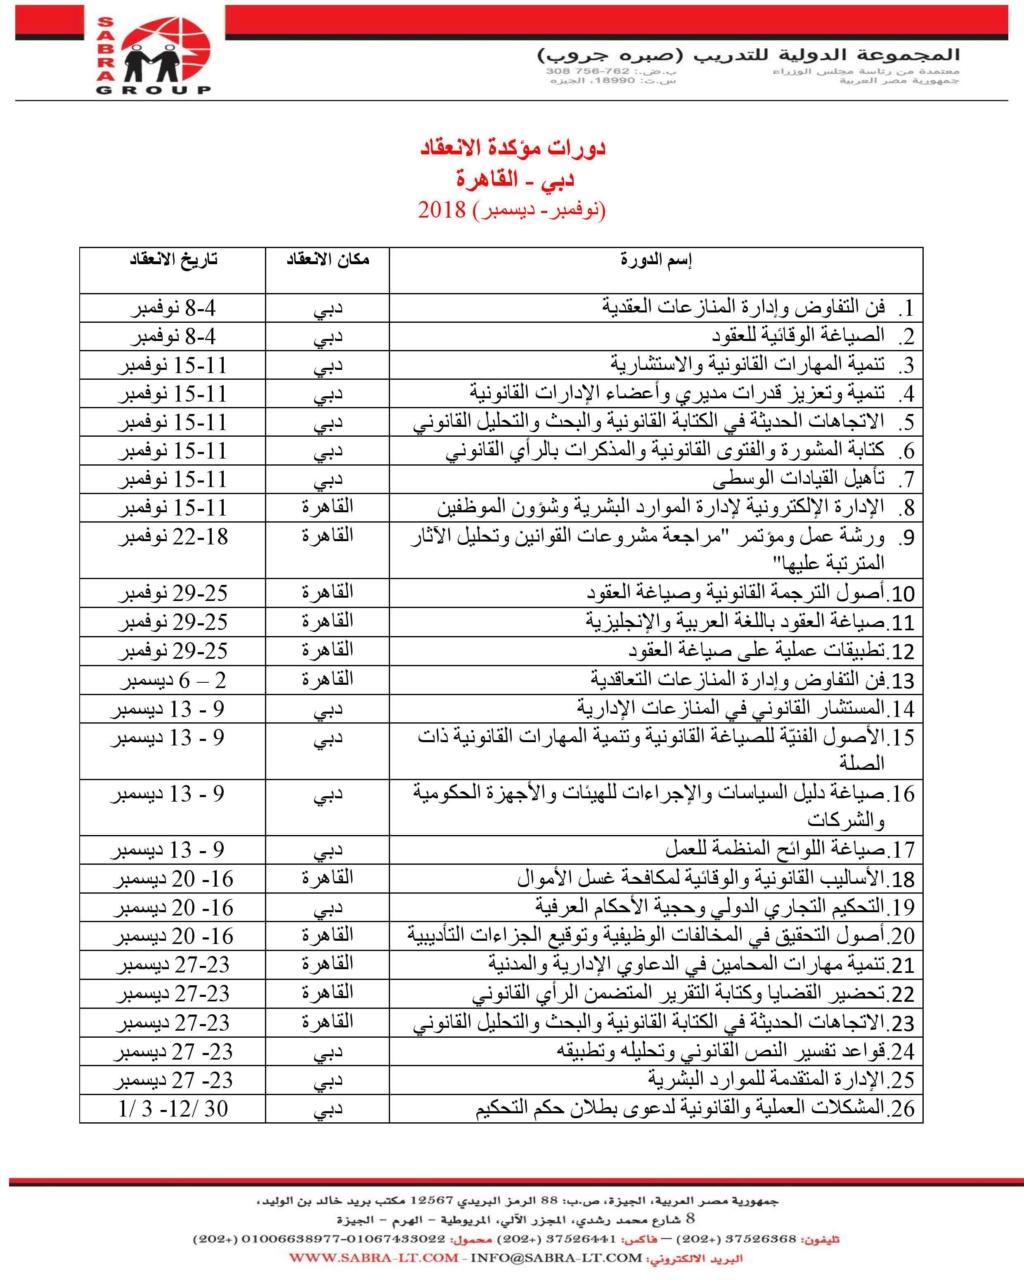 دورات مؤكدة الانعقاد في القاهرة ودبي Cairo-14